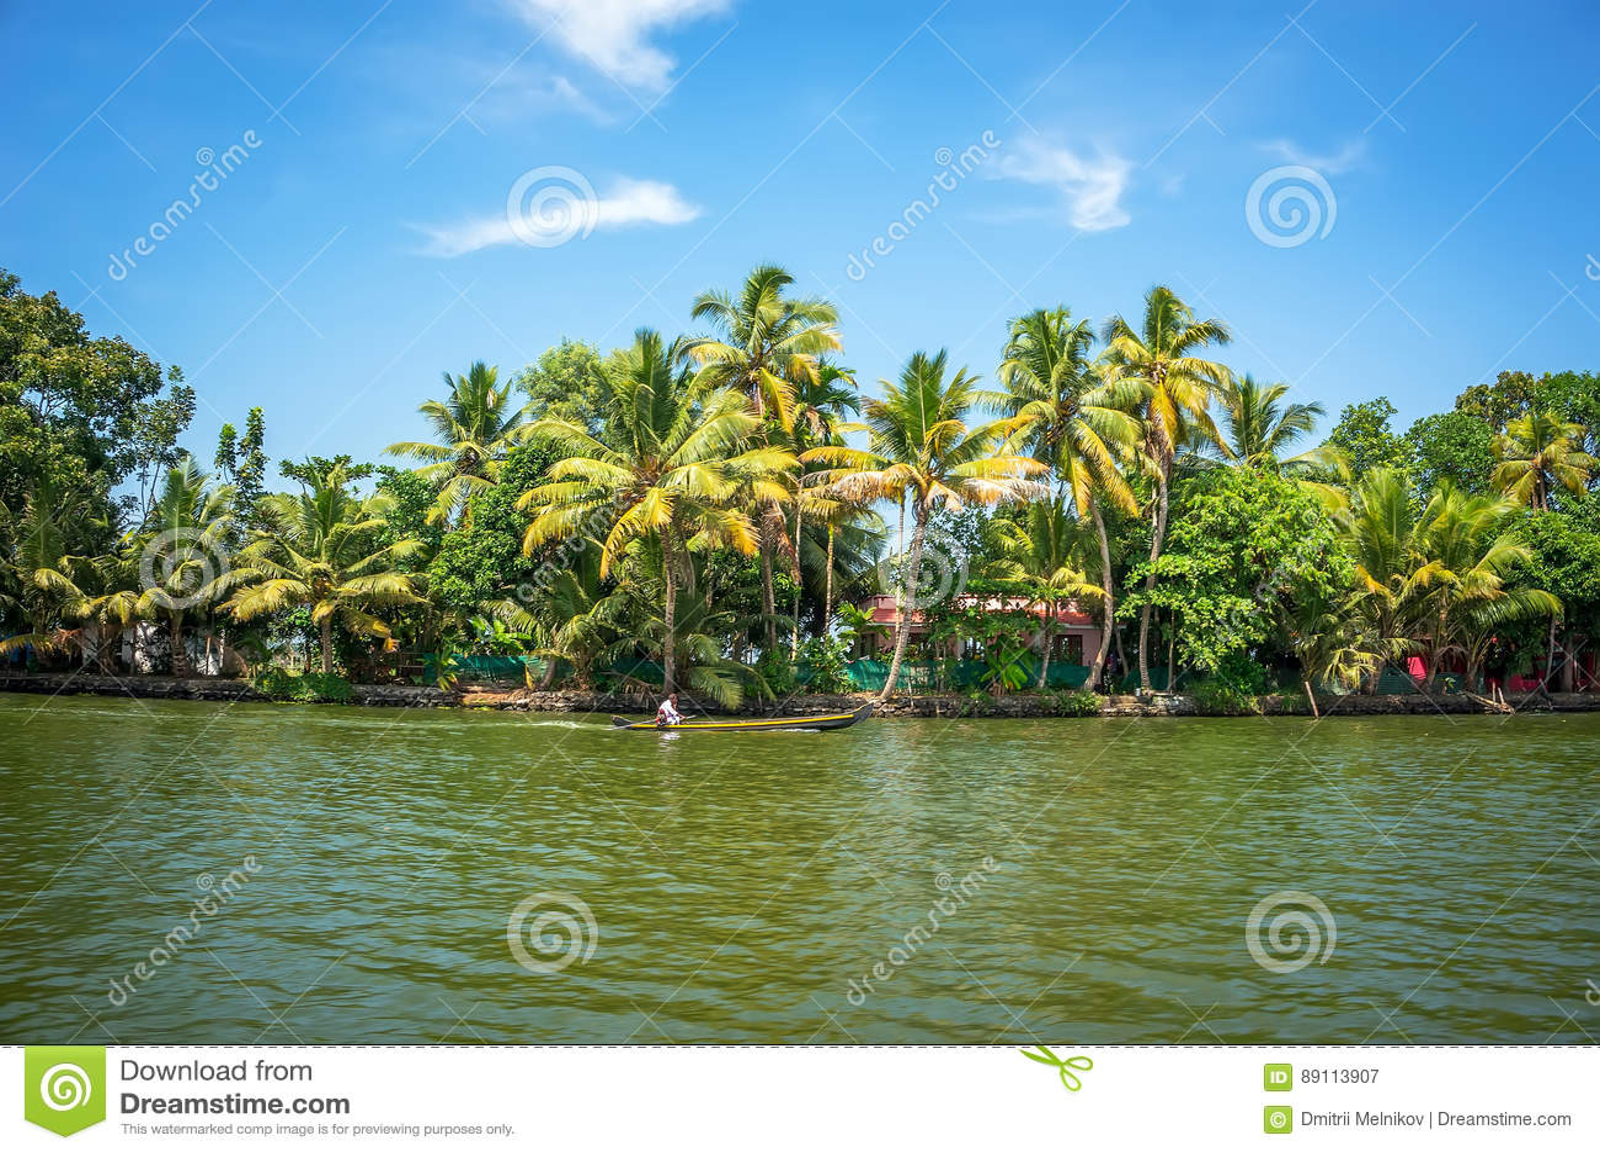 Vista panorâmica com árvores de coco e casa do pescador, paisagem das marés de Alleppey